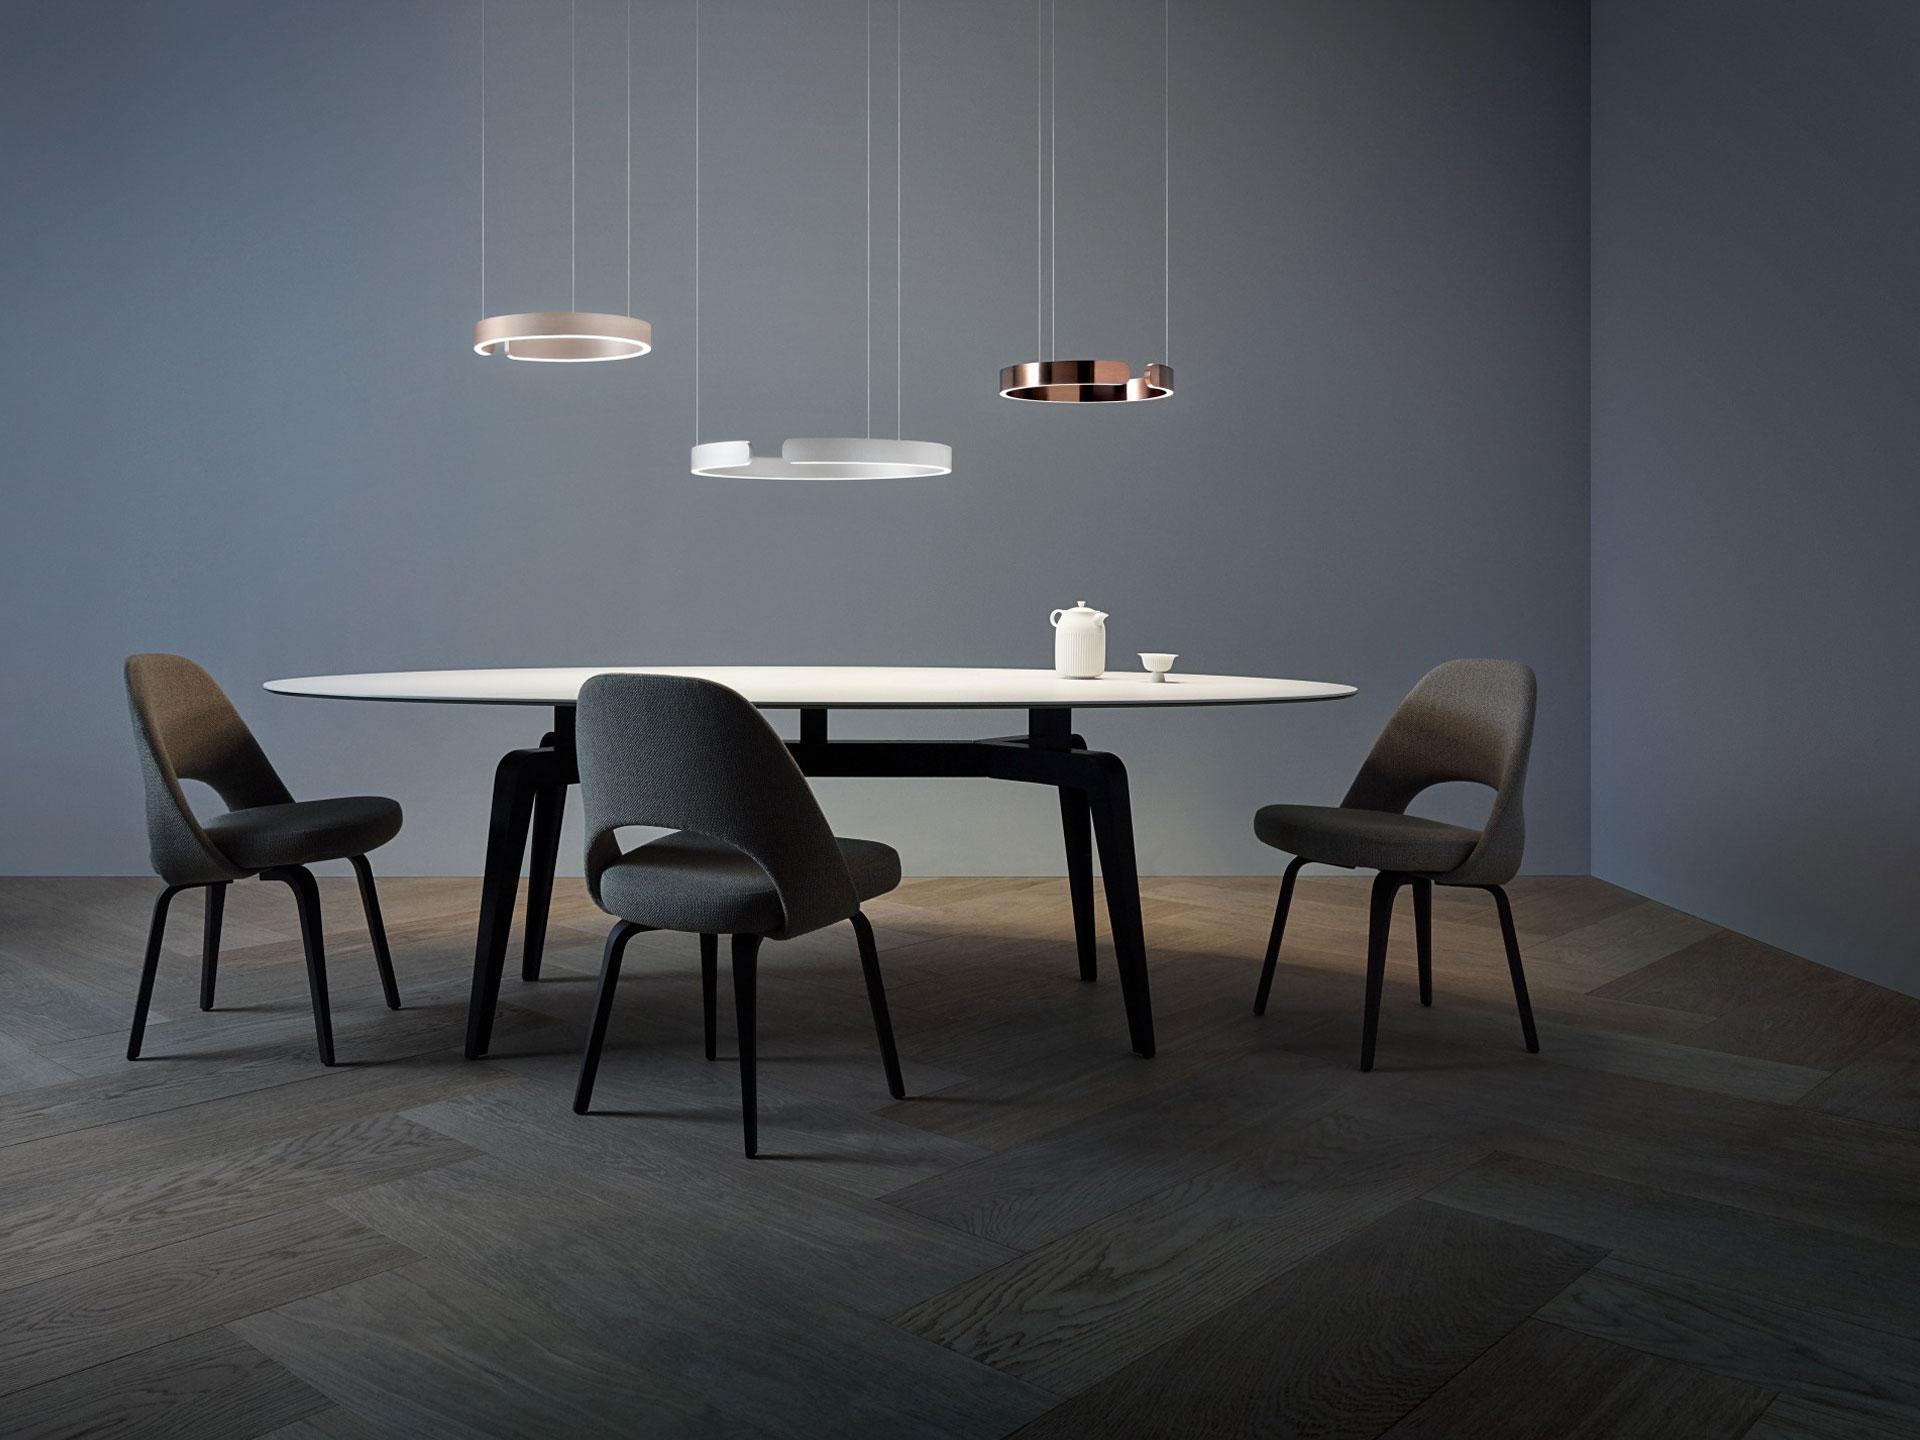 Drei unterschiedliche Occhio Mito sospeso Designer Pendelleuchten über einem Tisch hängend